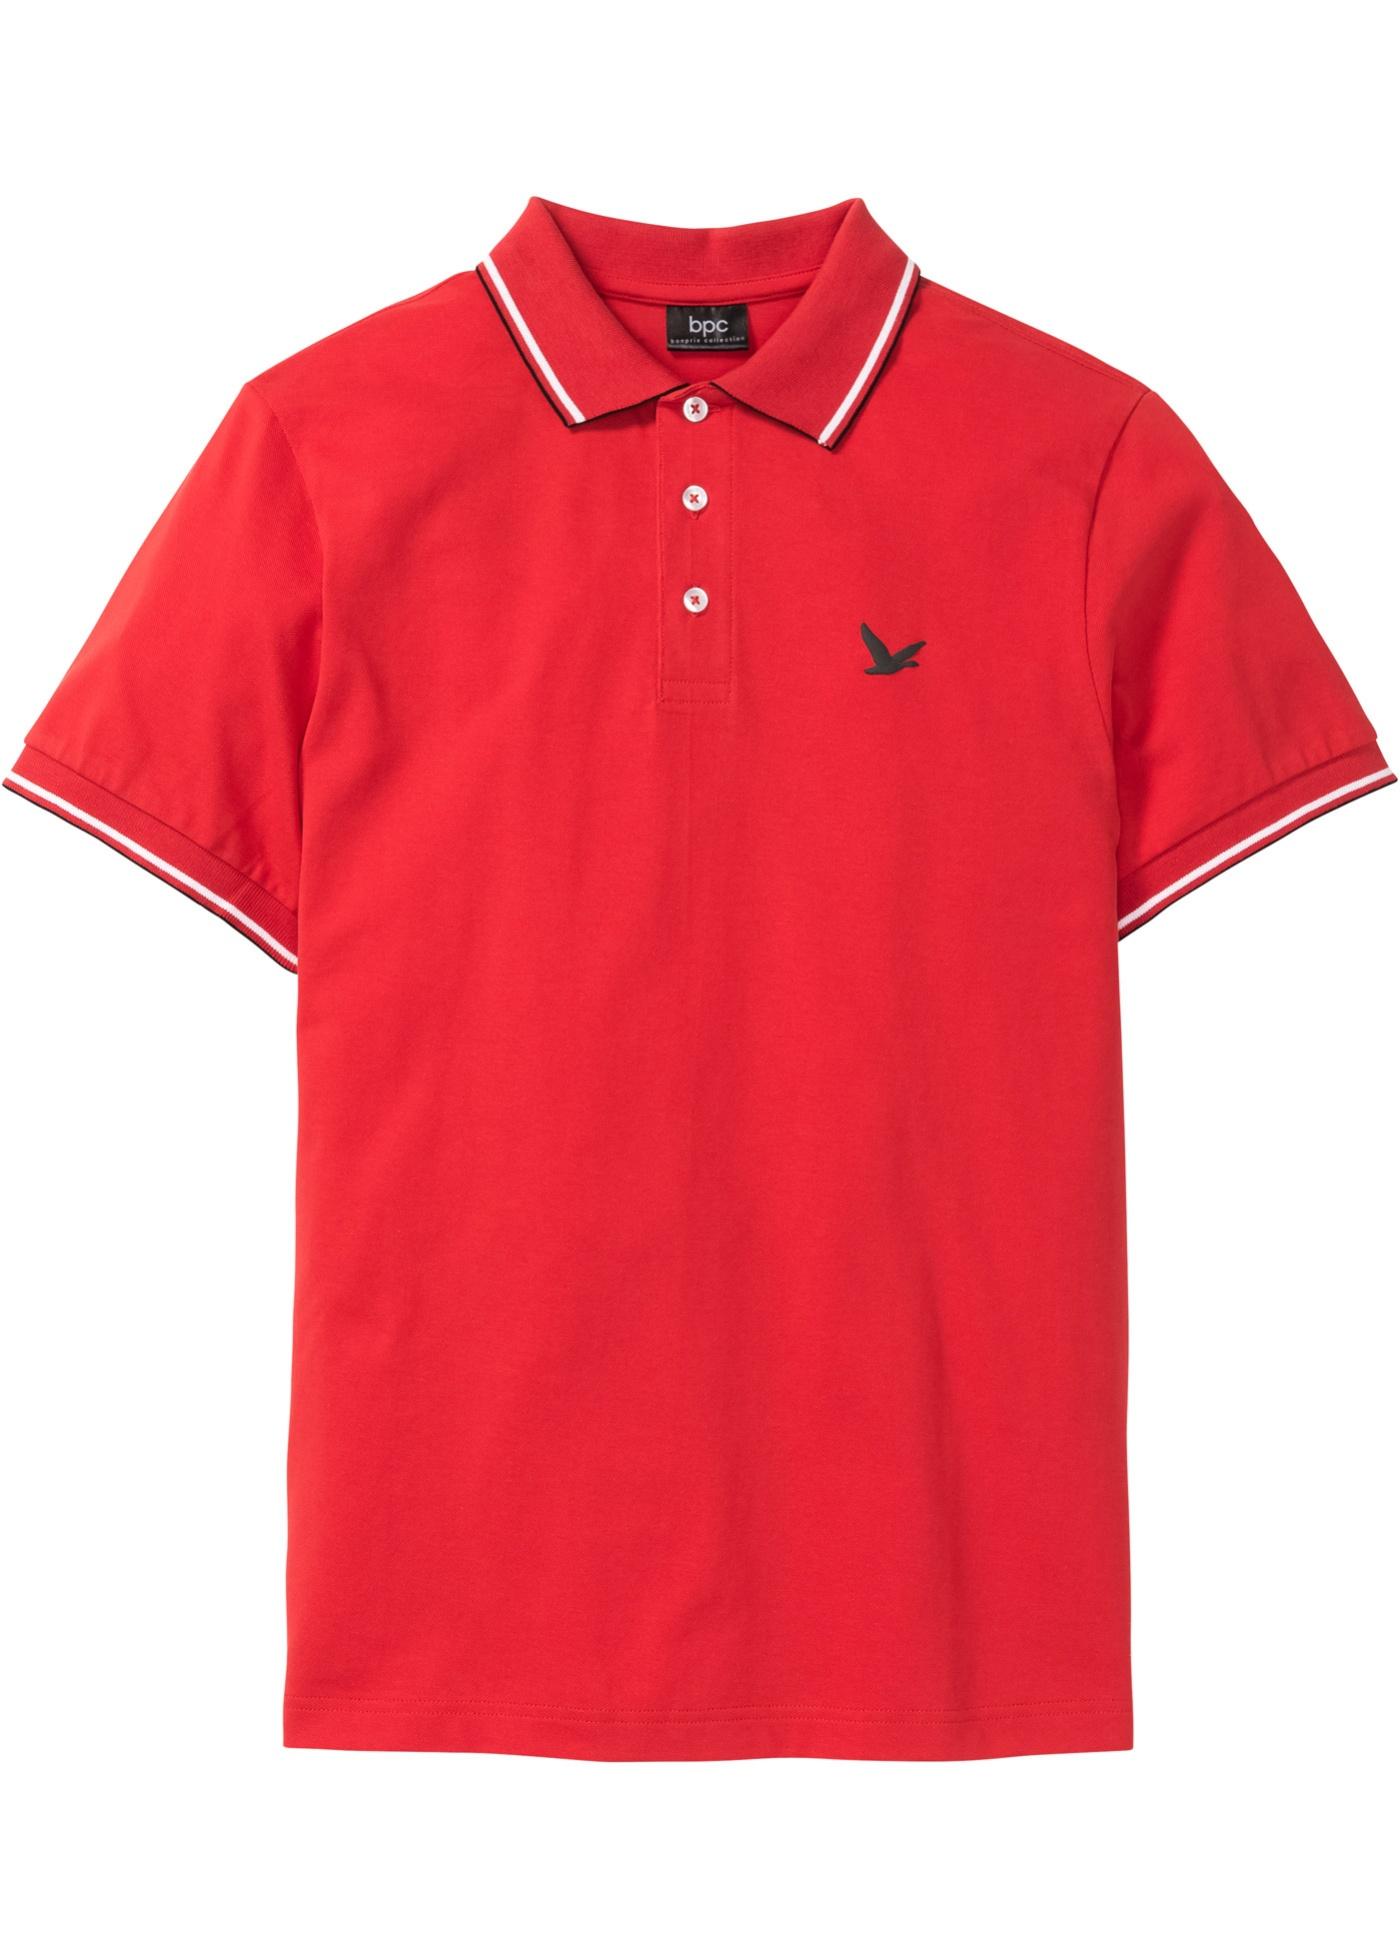 Polo in piquet (Rosso) - bpc bonprix collection